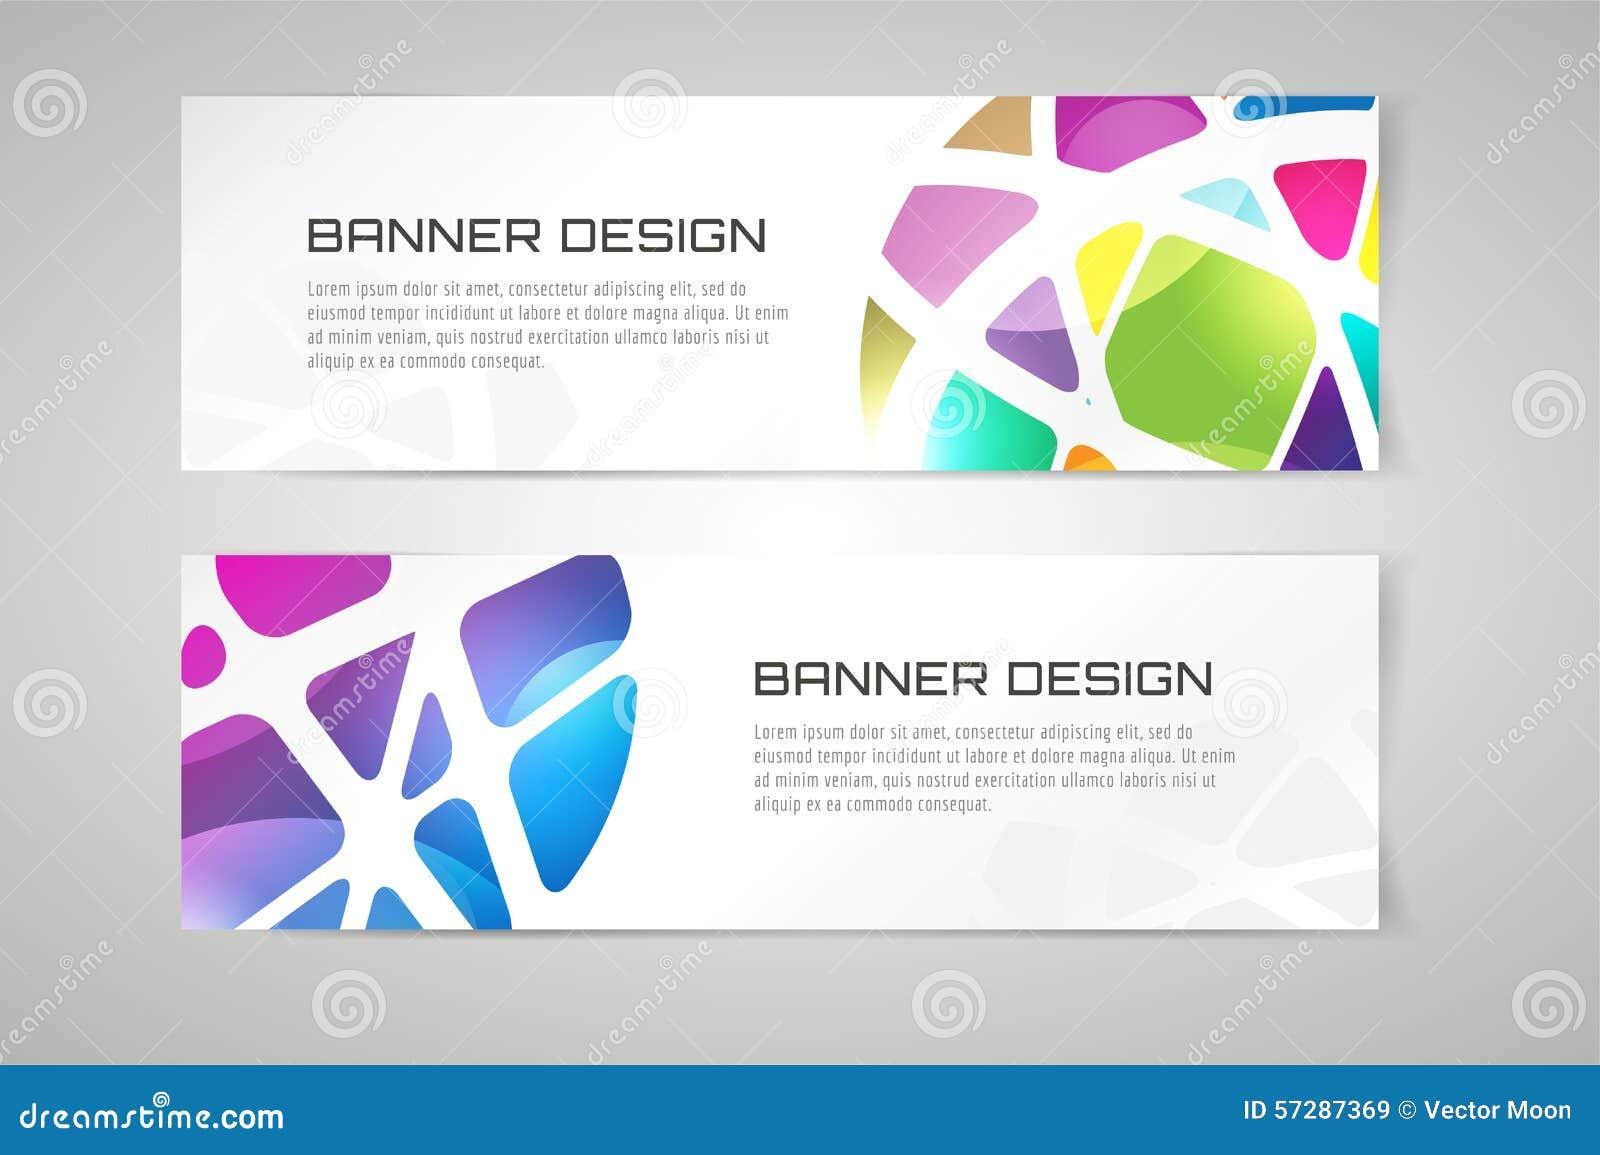 Design vector banner - Arrows Banner Creative Design